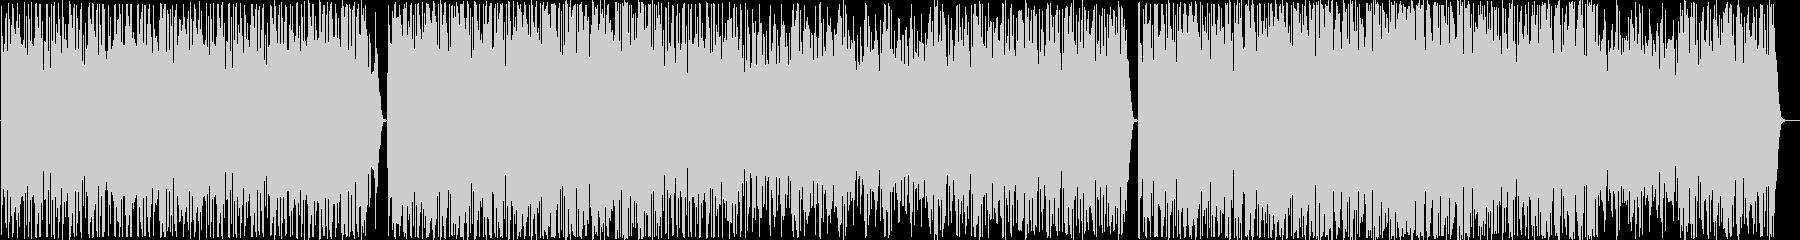 和太鼓のみの組太鼓楽曲の未再生の波形